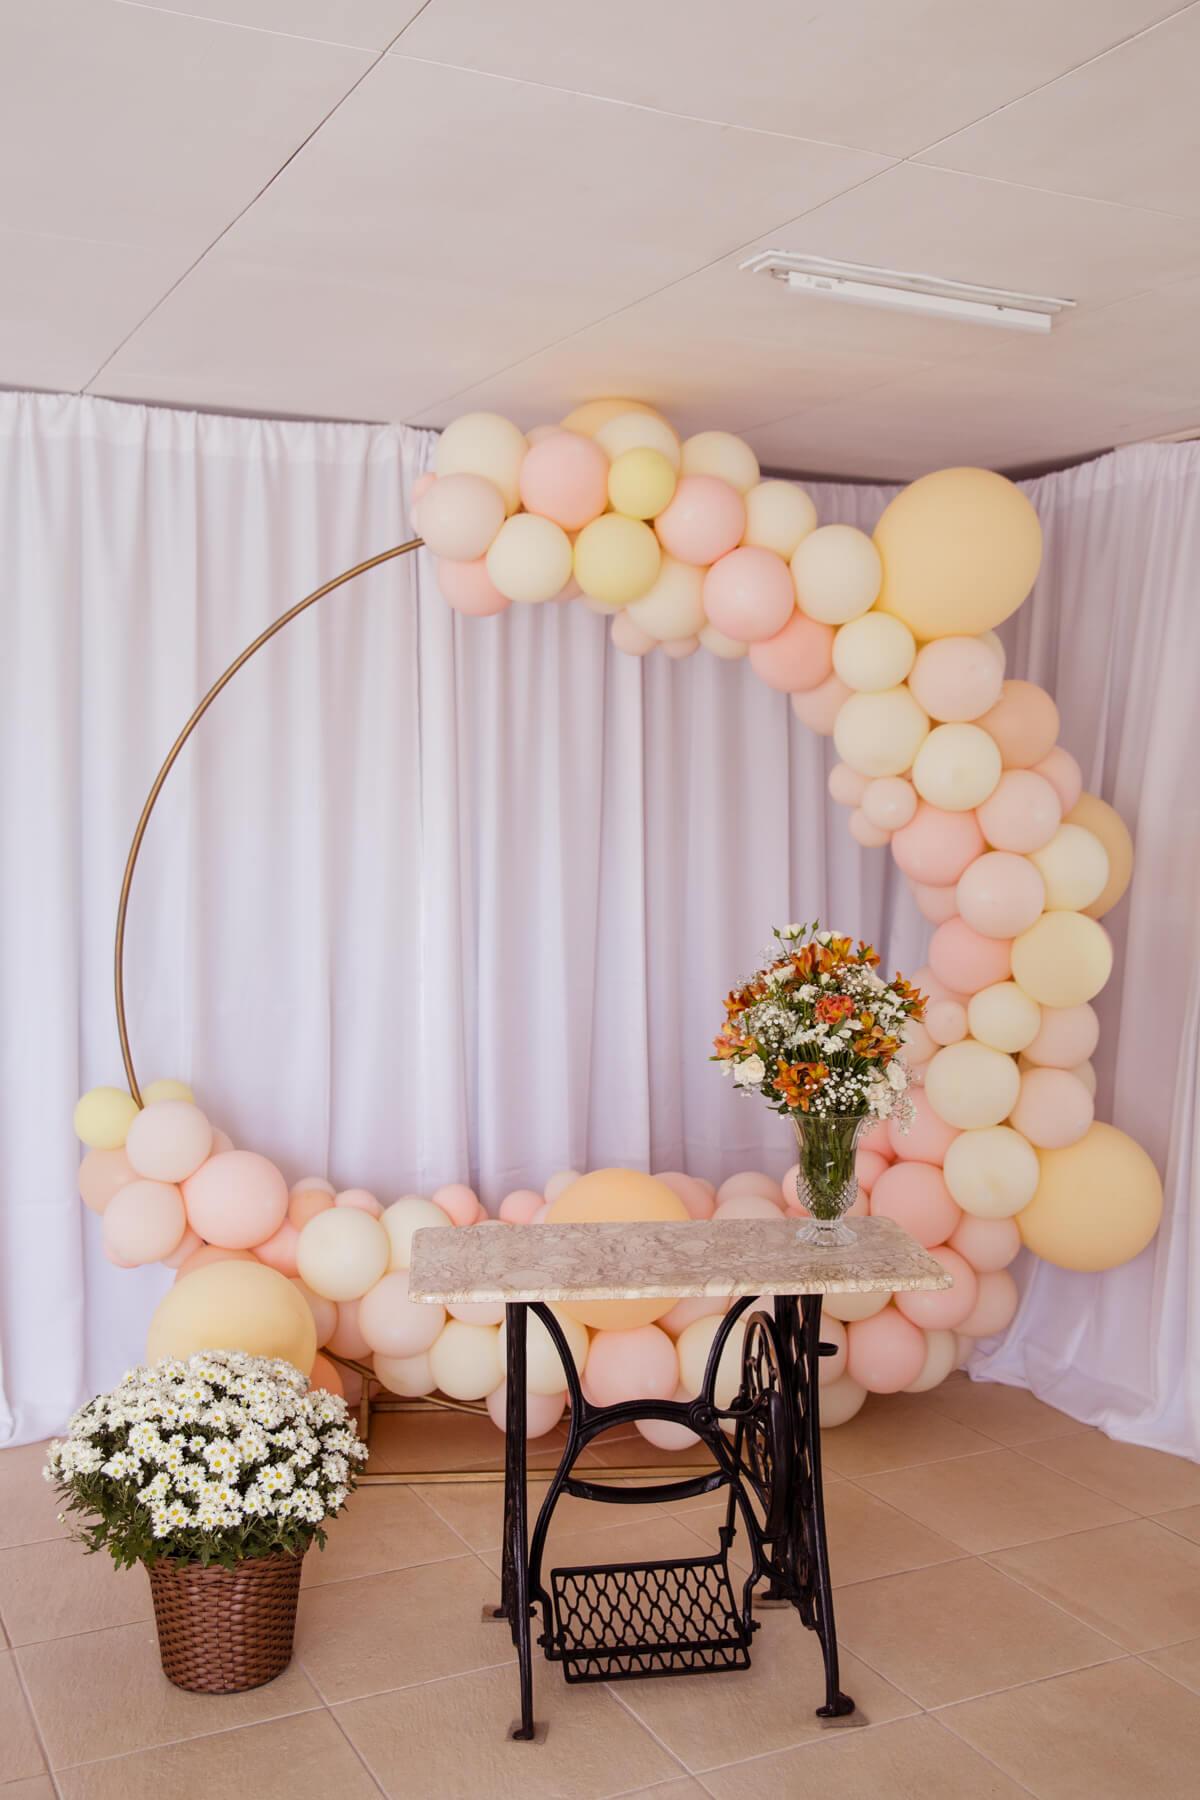 decoracao casamento com baloes